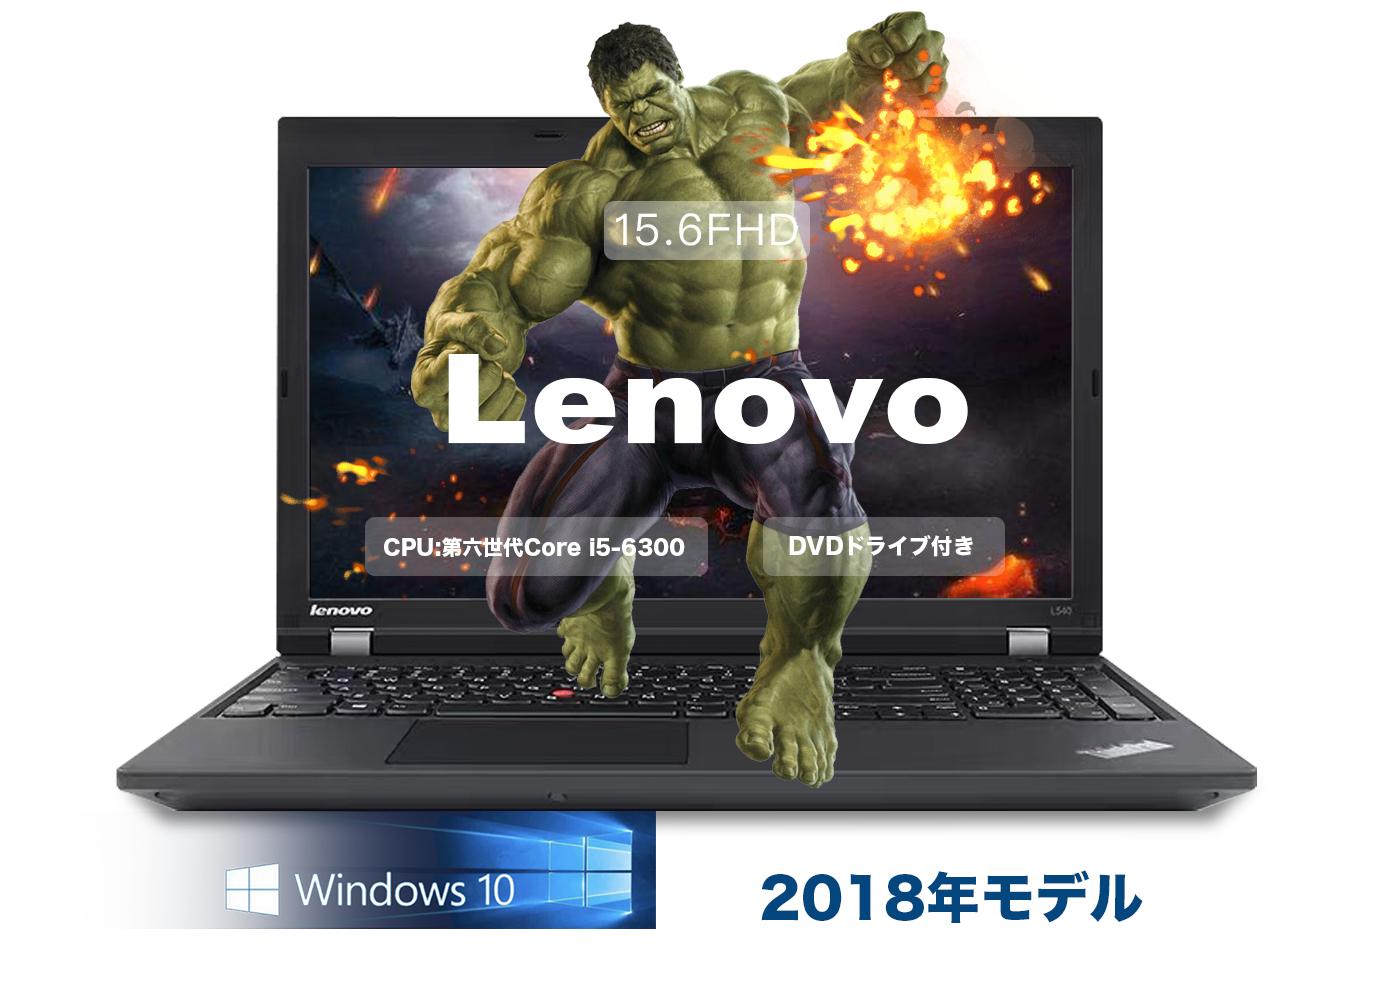 搭載】 L570 Lenovo 15.6インチ(WPS i5 6300U/4G/HDD Pro】【OFFICE :Core OFFICE) 10 500GB(増設可能)/ ★中古美品★【Windows